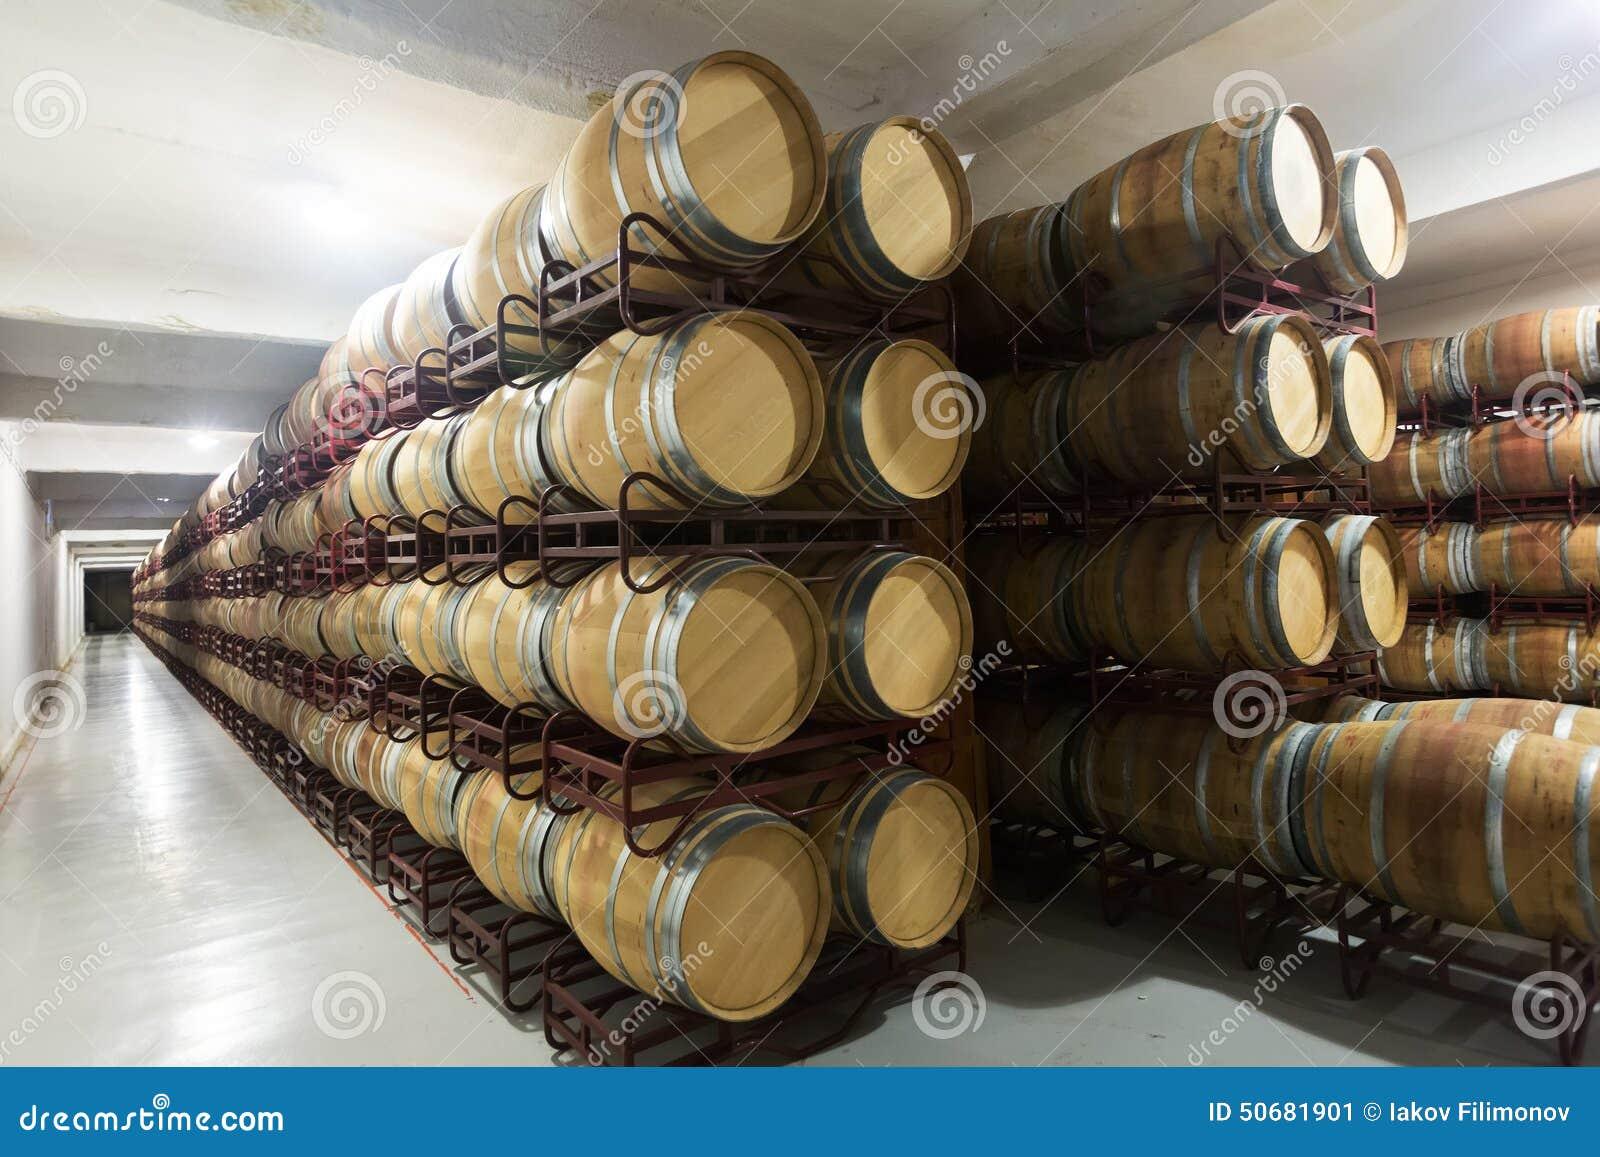 Download 酿酒厂内部照片 库存图片. 图片 包括有 进程, 西班牙, 伯根地酒, 篮子, 端口, 隔间, 波尔图, 发酵 - 50681901